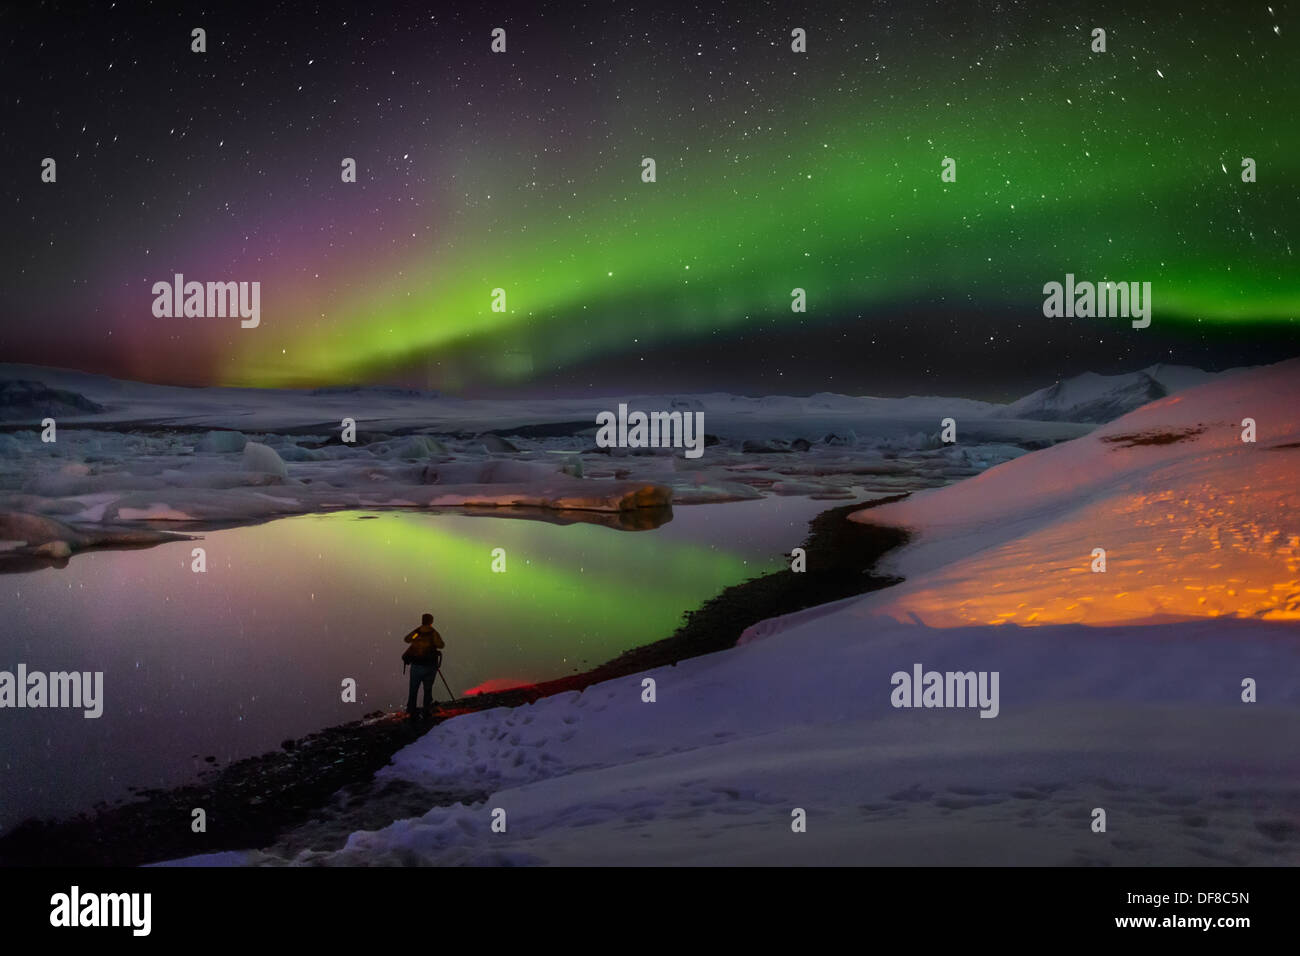 Tomar fotos de la Aurora Boreal en la Jokulsarlon, Breidarmerkurjokull casquete de hielo, Vatnajokull, Islandia. Imagen De Stock